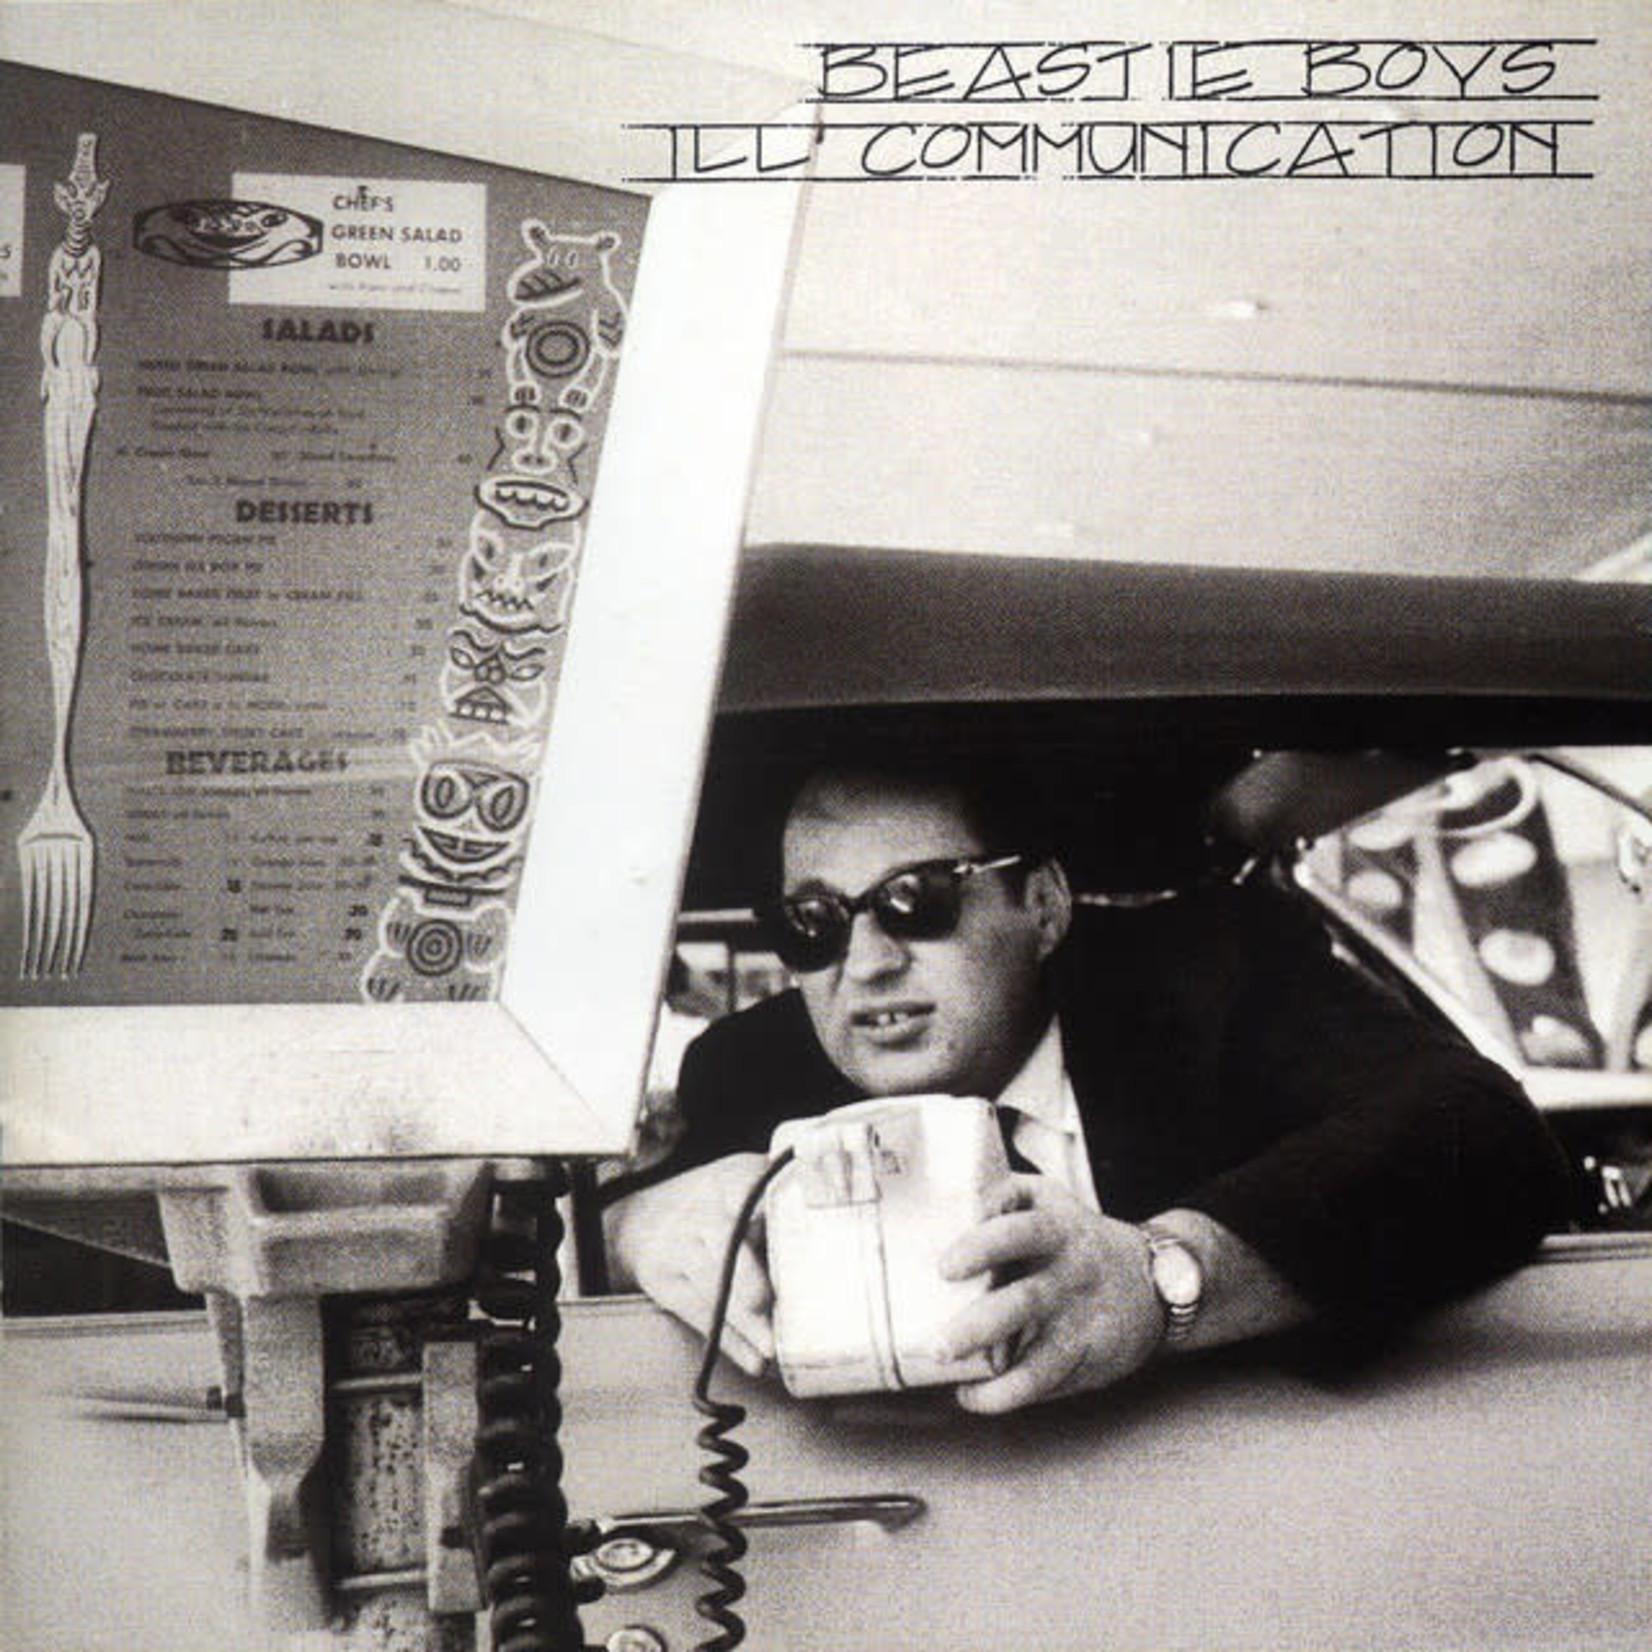 Vinyl Beastie Boys - Ill Communication